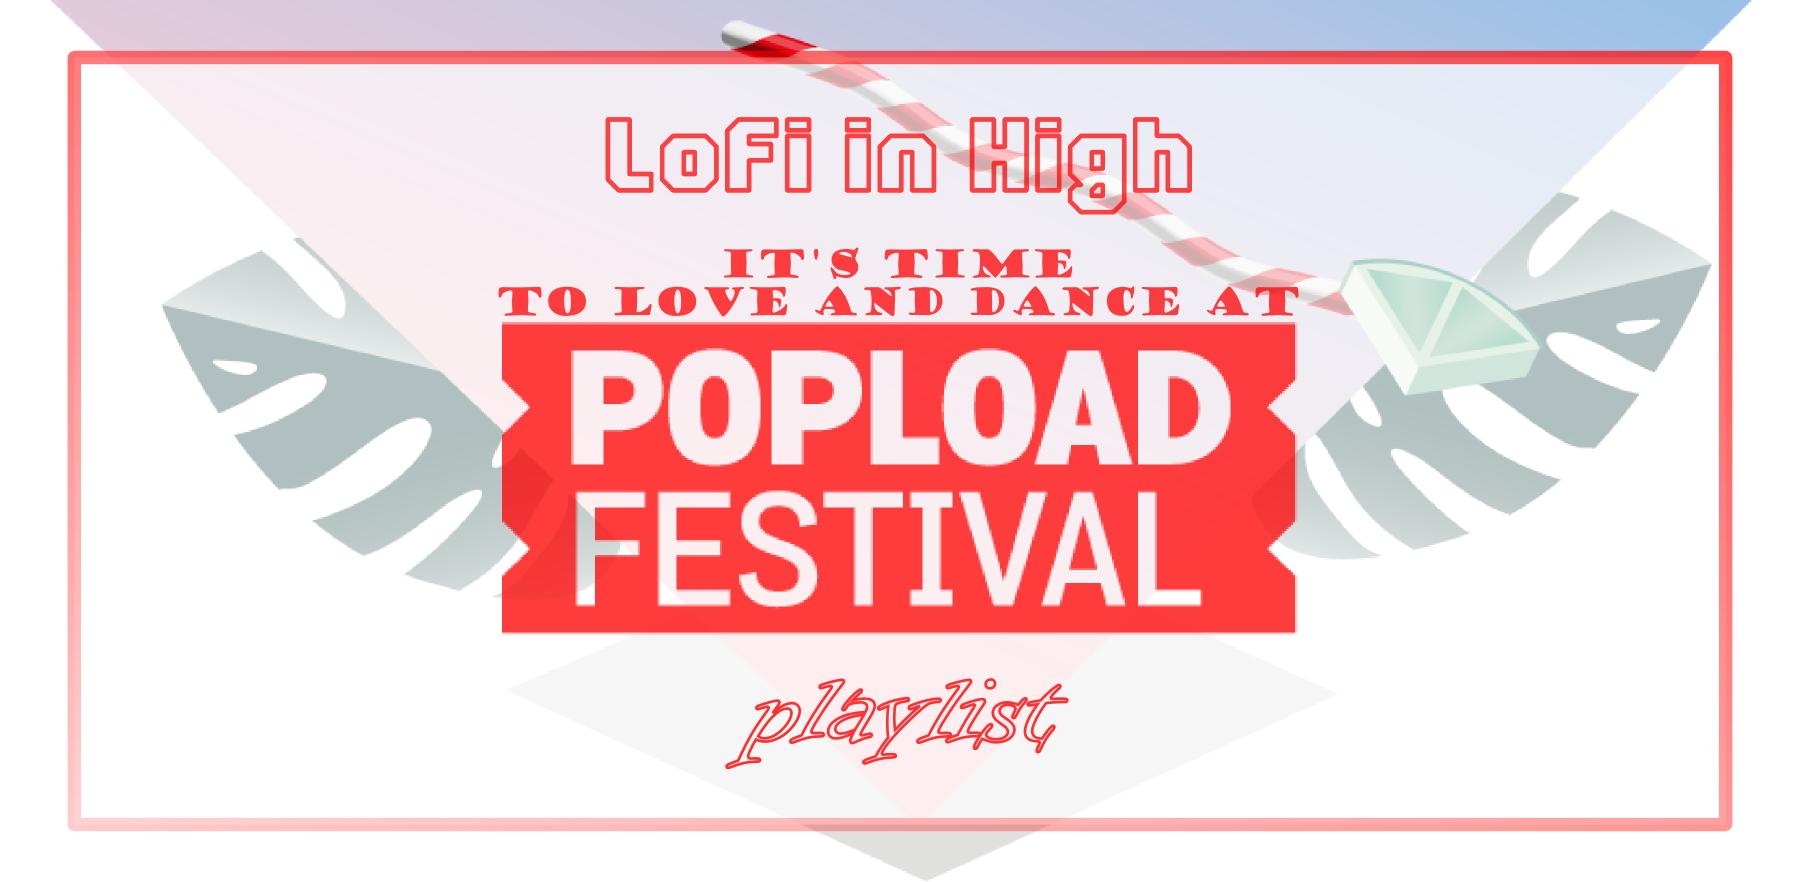 LoFi in High - Popload Festival Playlist